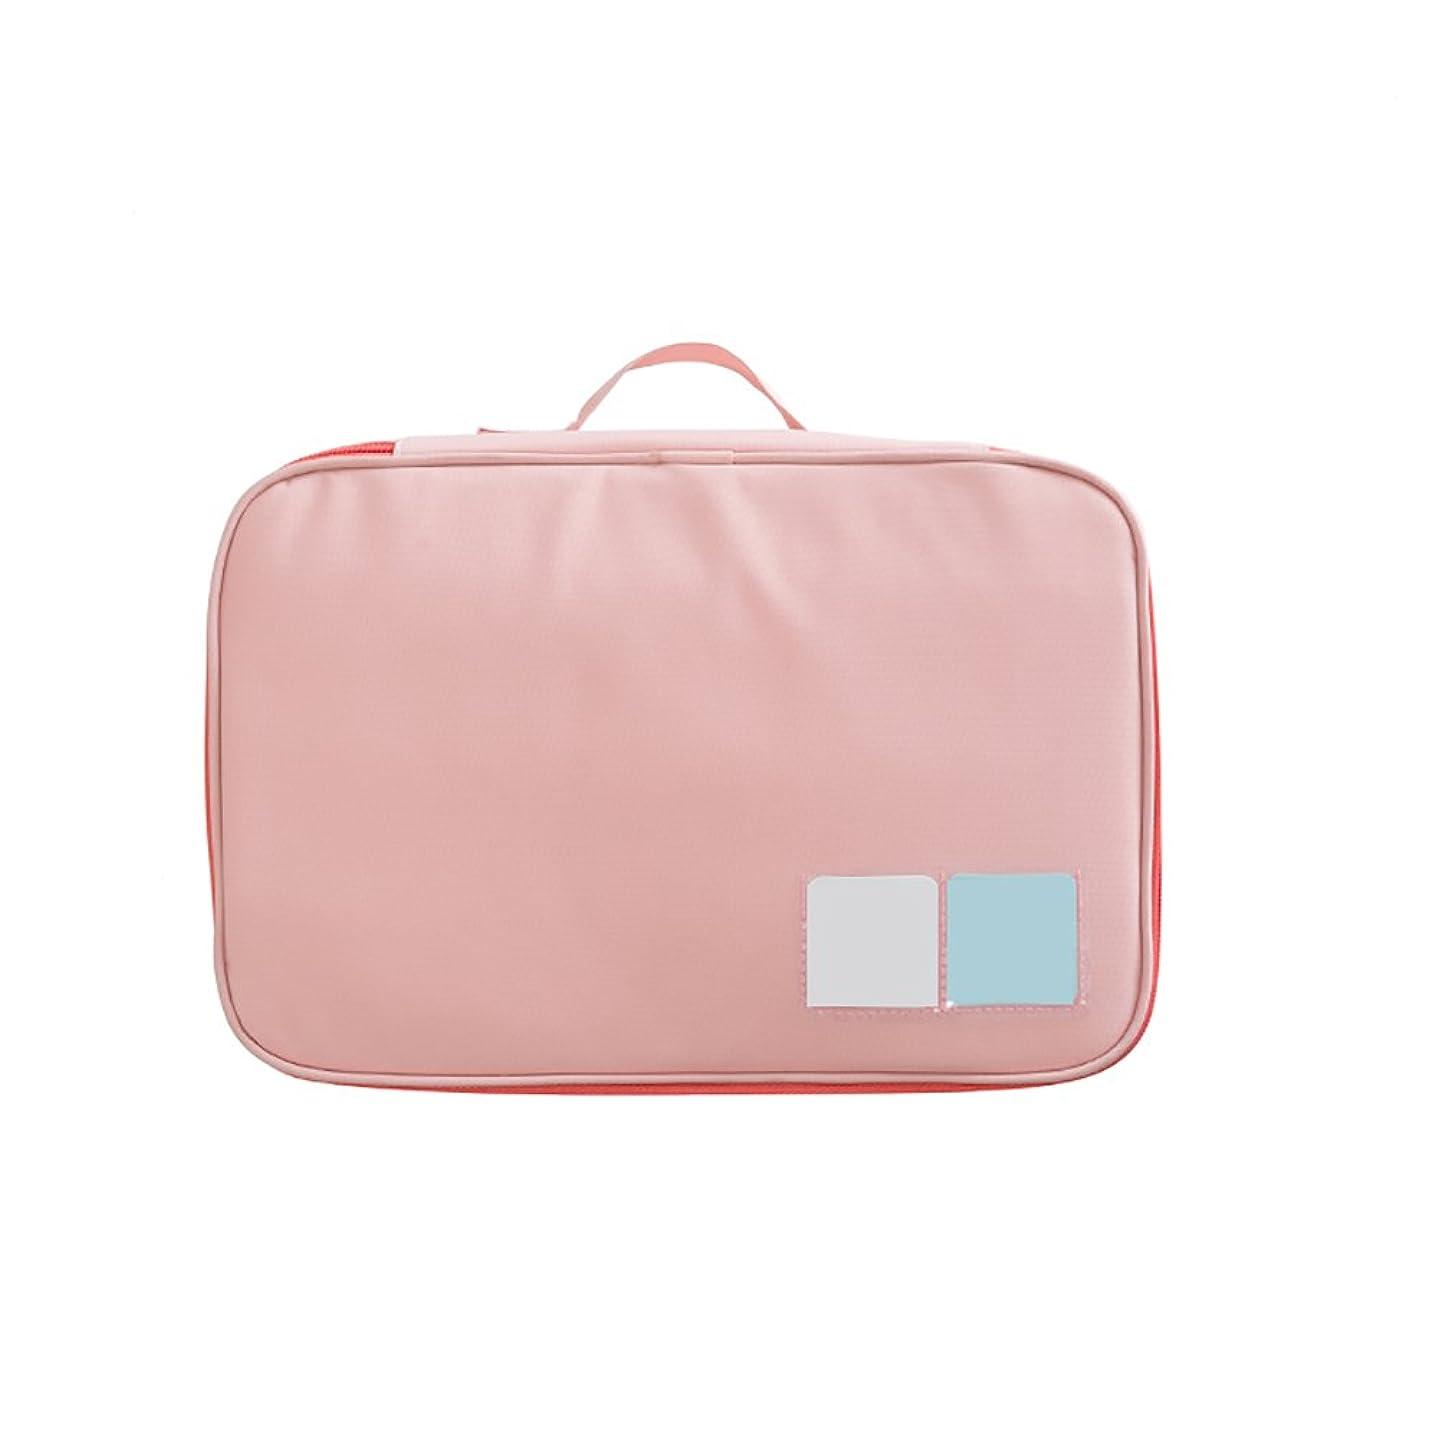 お互いハミングバード気球旅行ウォッシュバッグ女性の旅行服の収納袋の衣服ソートバッグ厚い防水ポータブル大容量下着バッグ